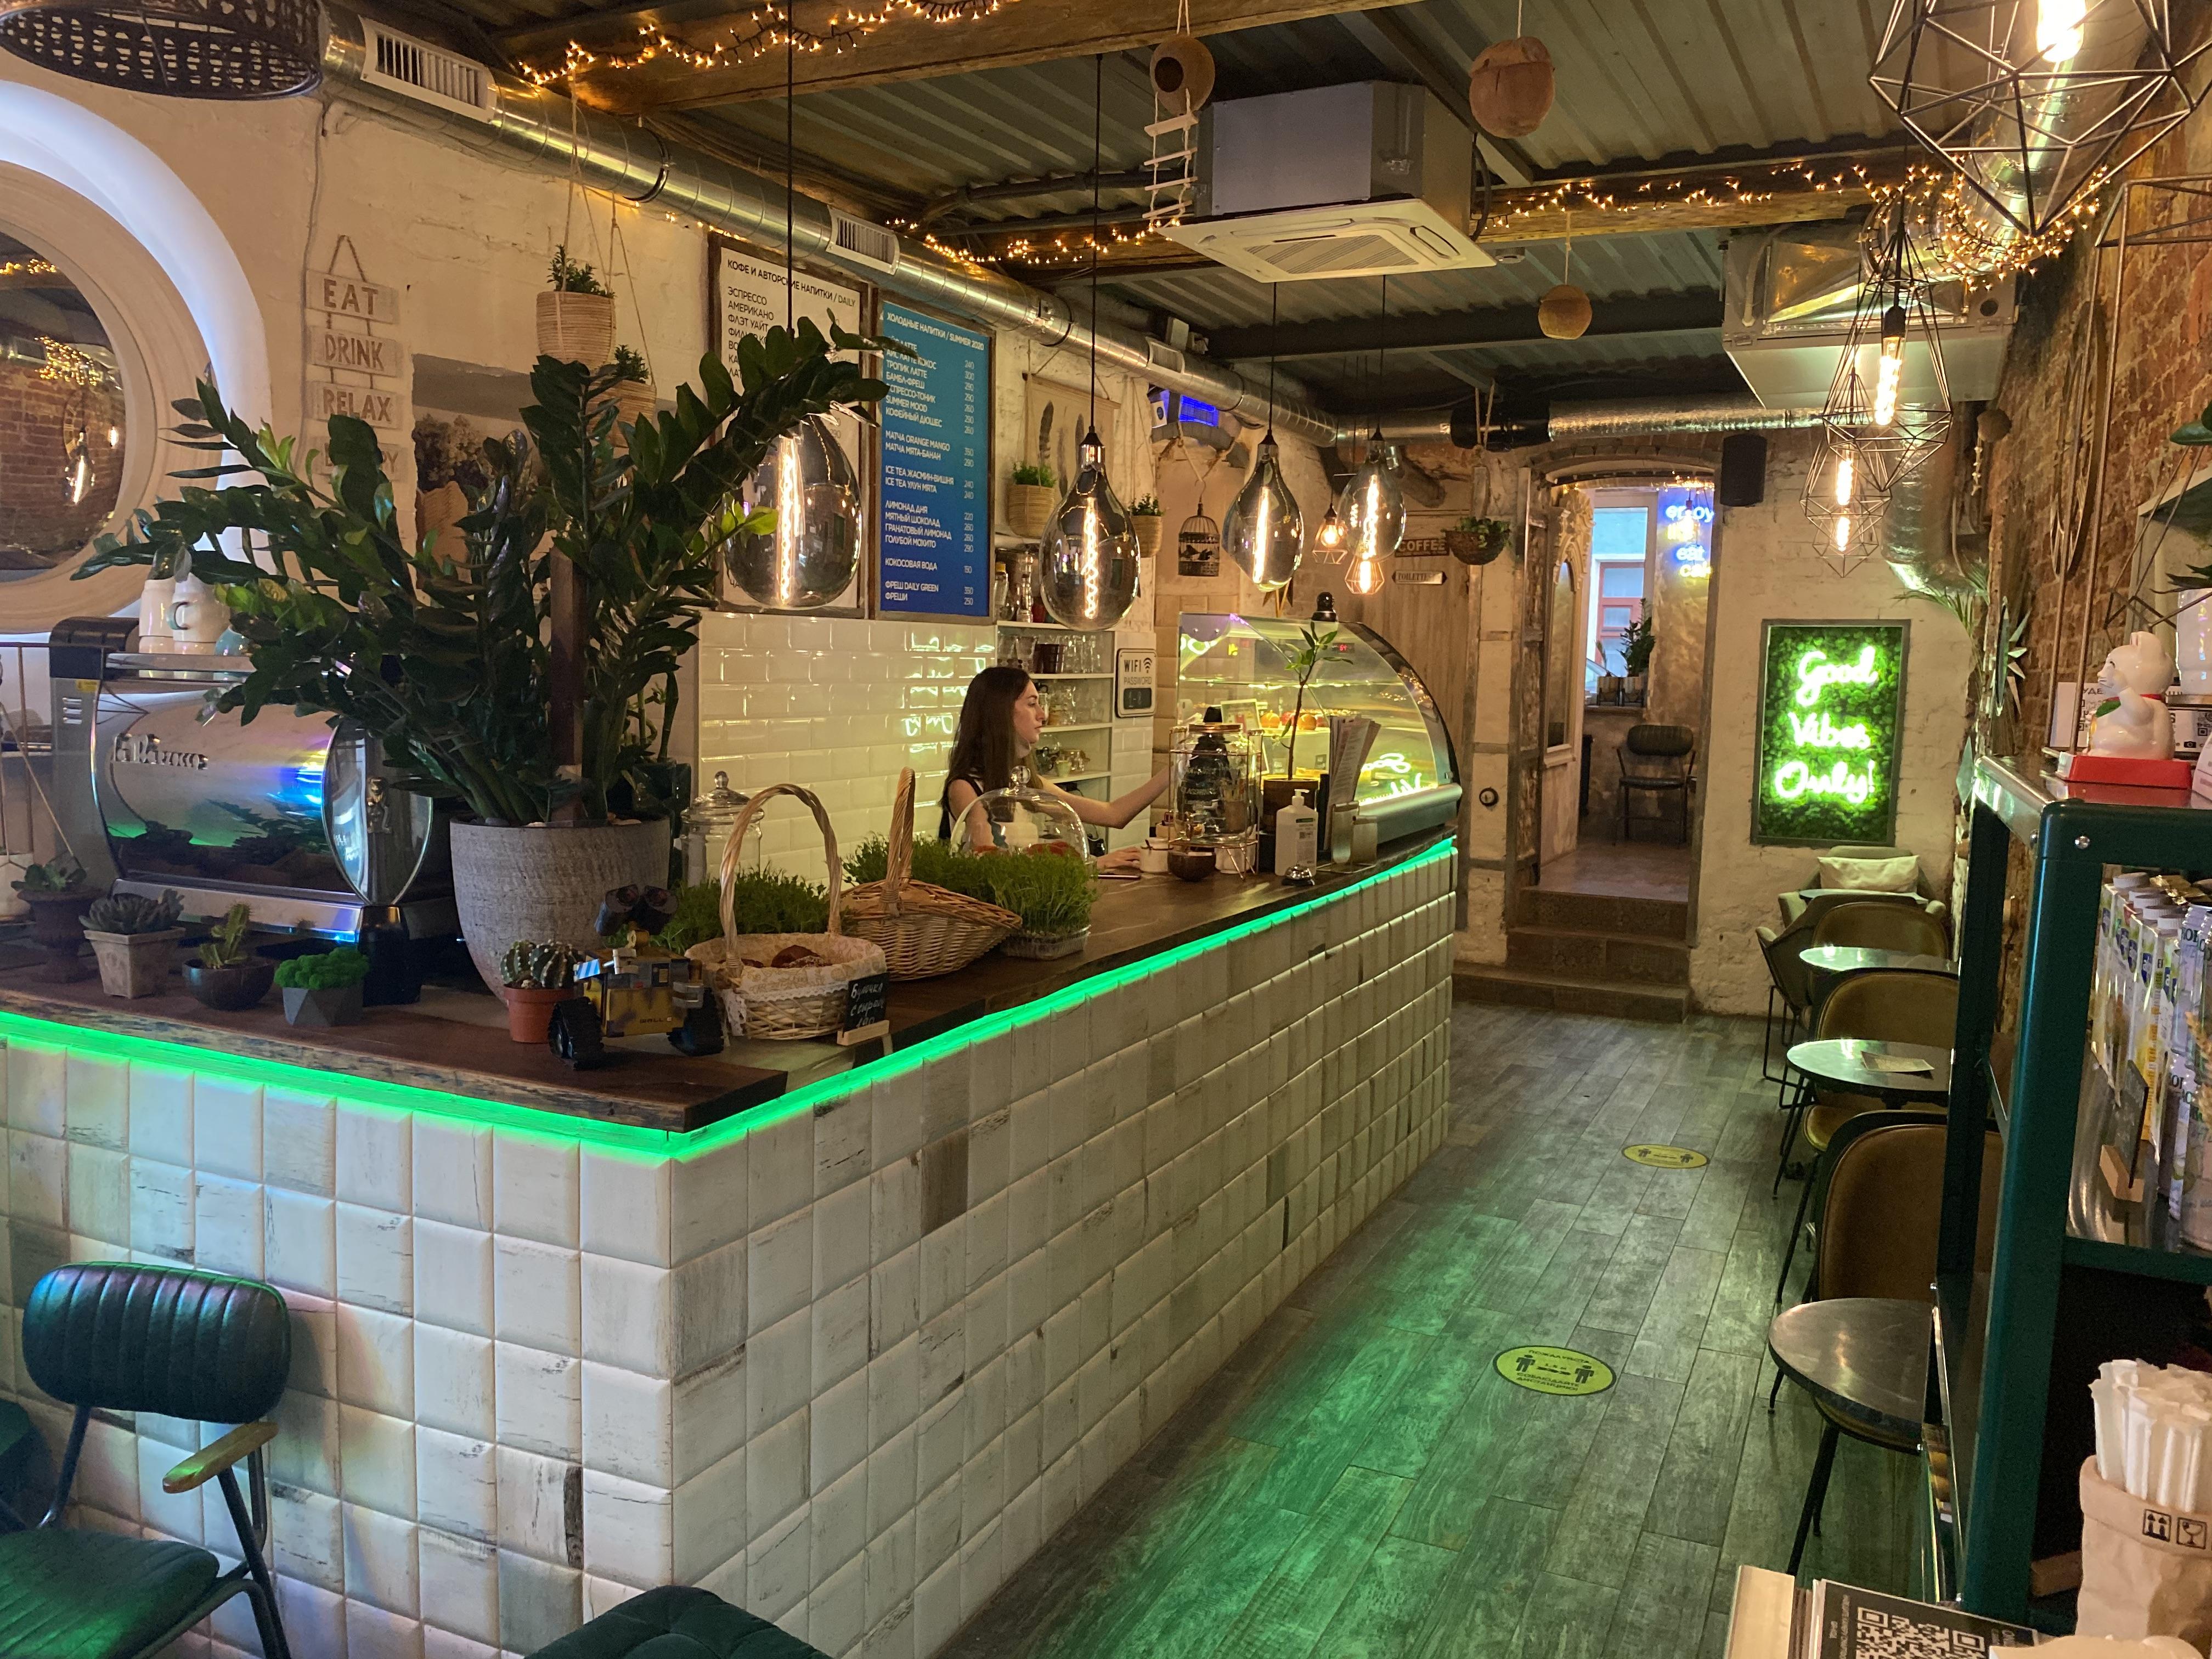 Город: Москва<br/>Заведение: Кофейня DAILY GREEN<br/>ставка: 200 руб/ч